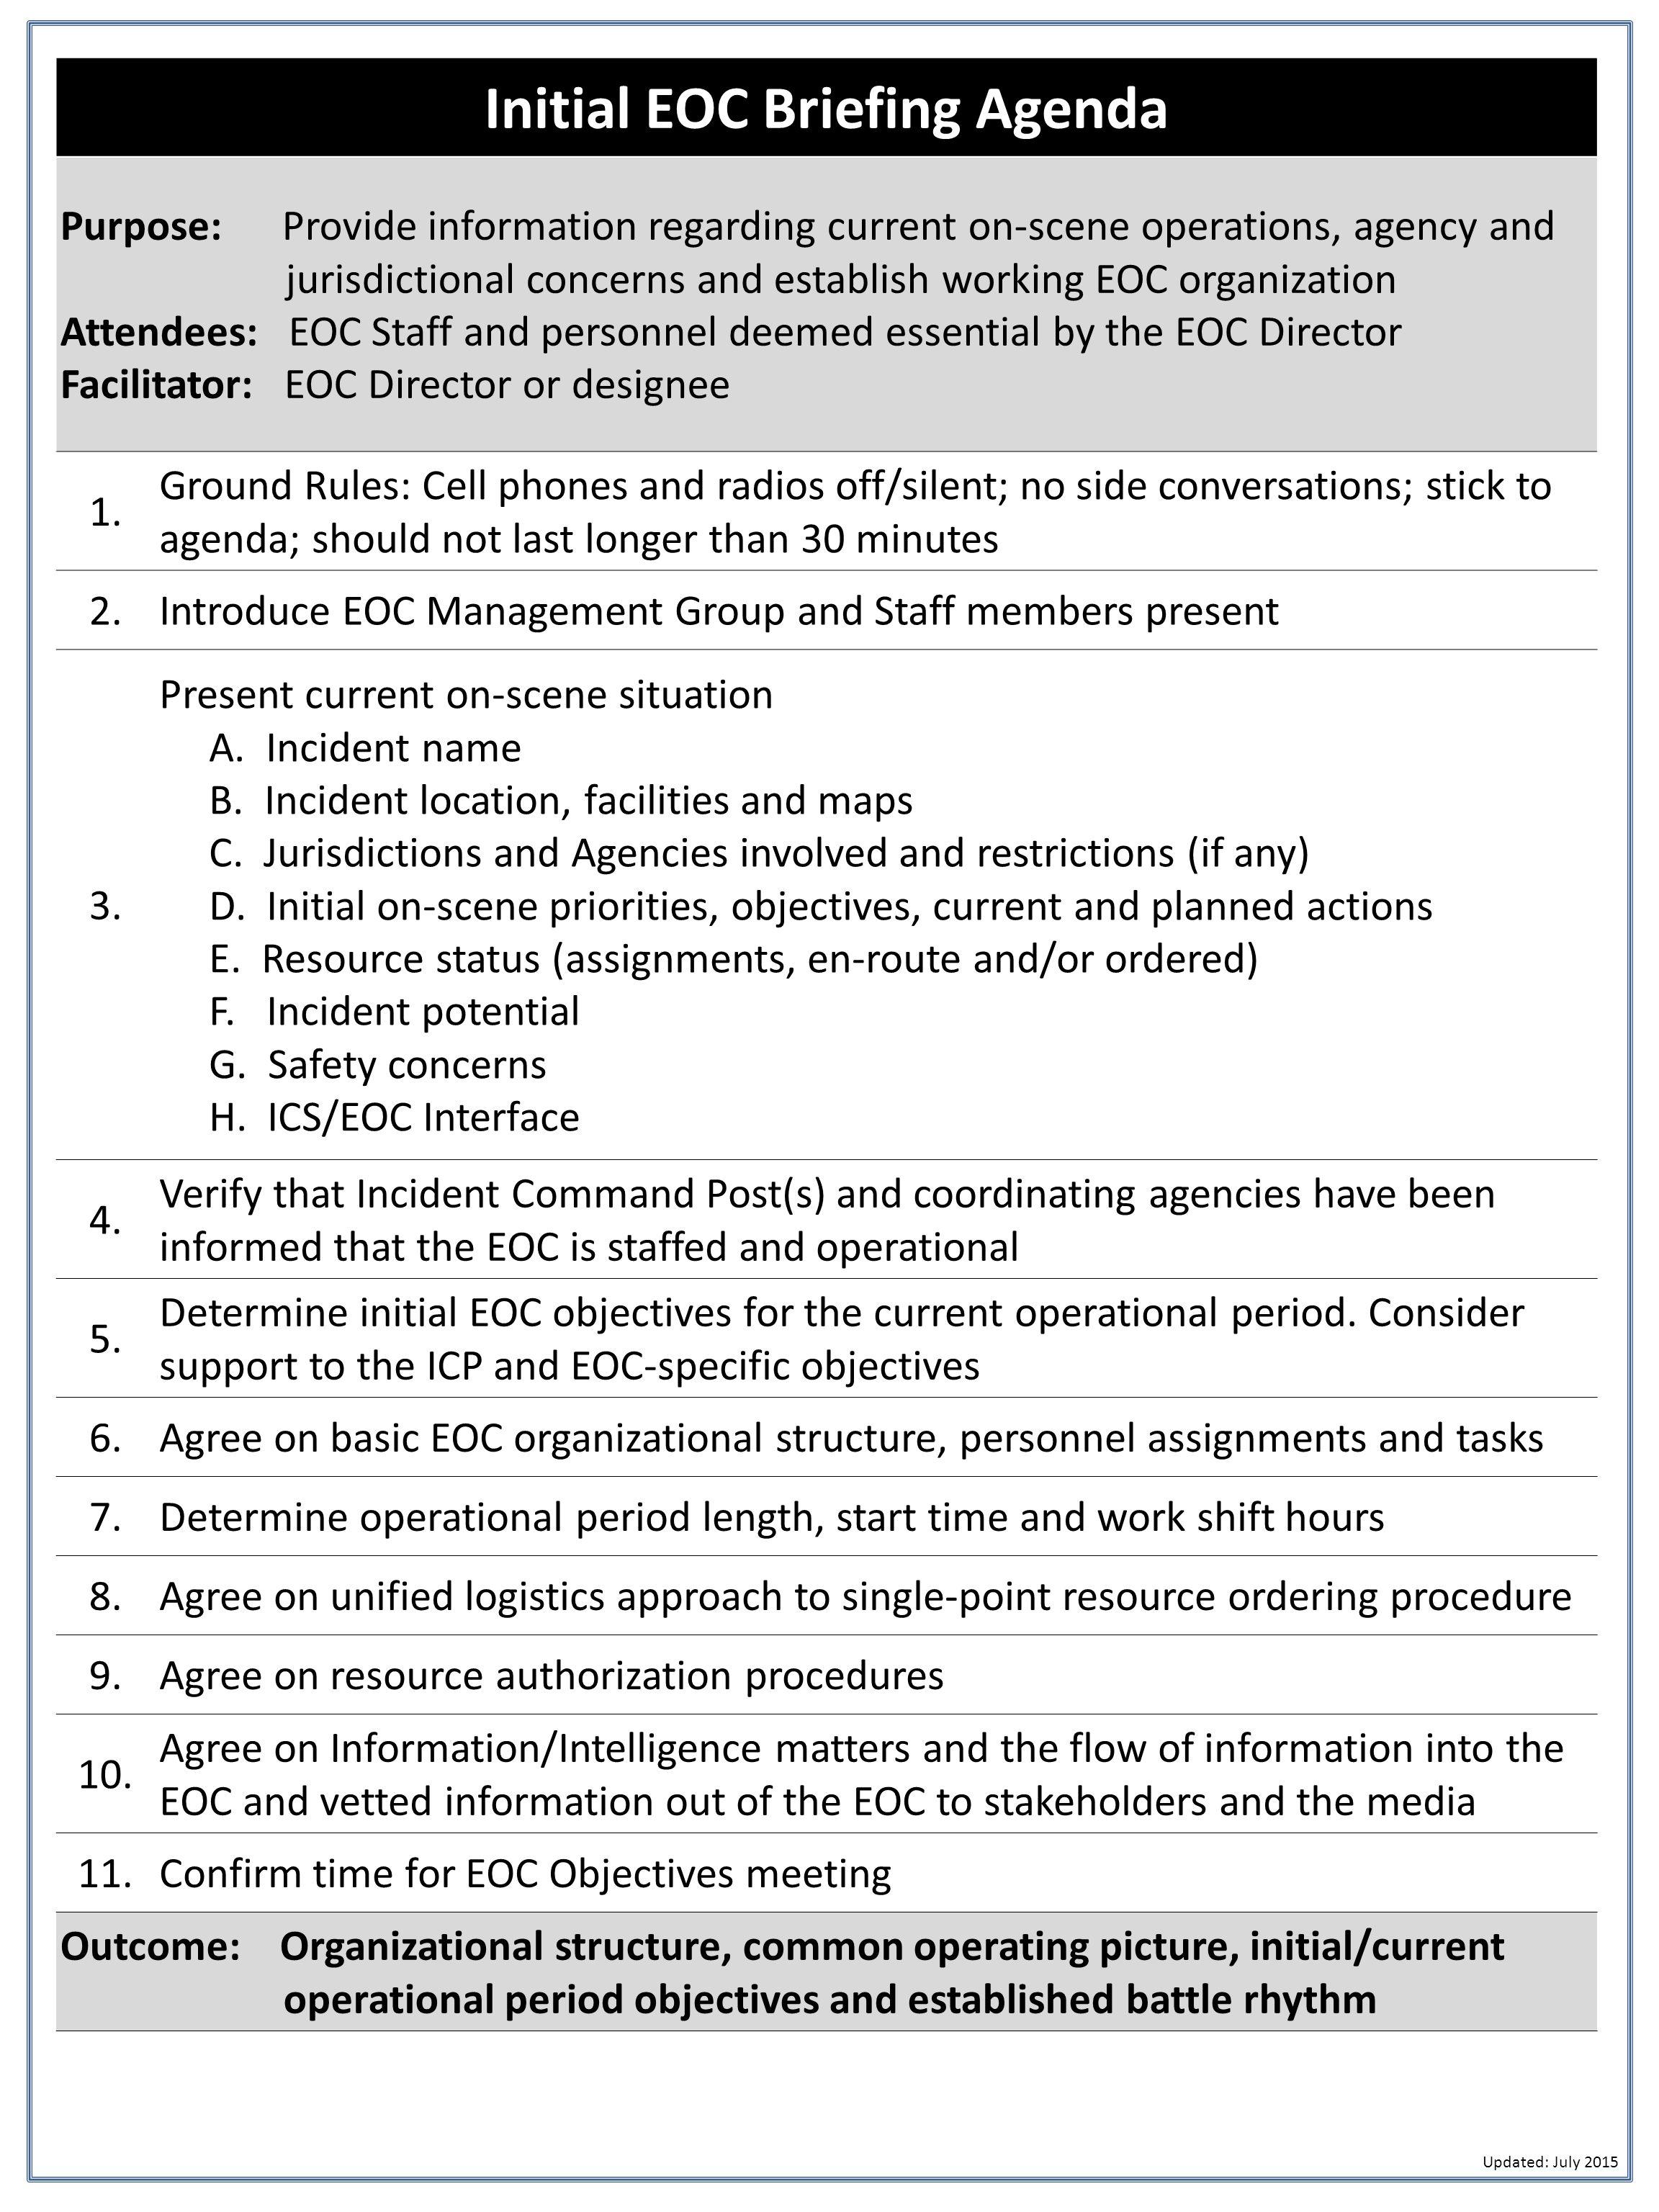 initial eoc briefing agenda